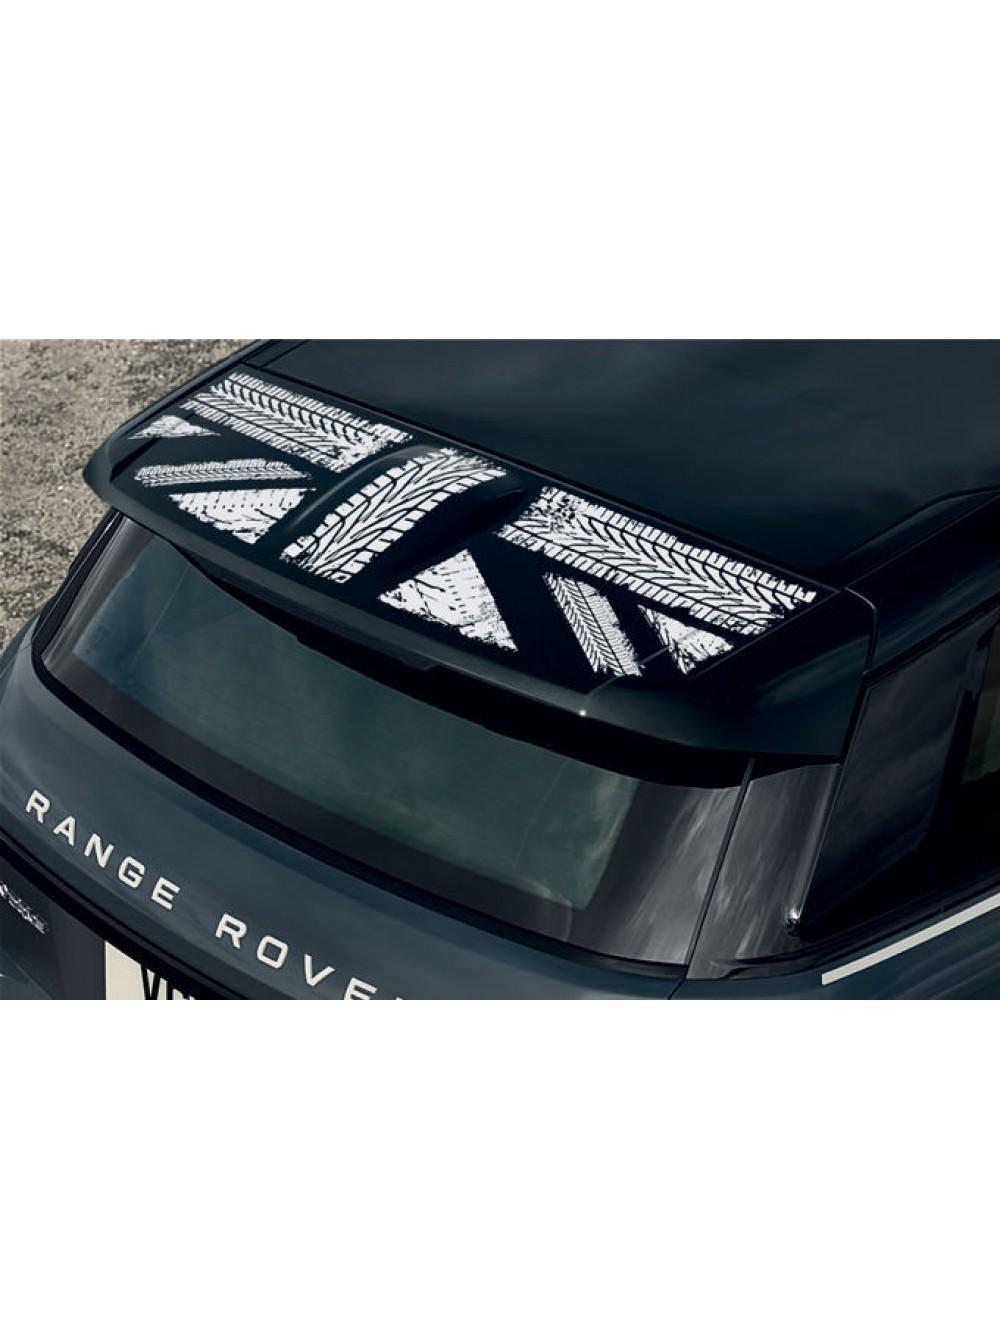 Наклейка графика заднего спойлера Union Jack Monochrome для Range Rover  Evoque